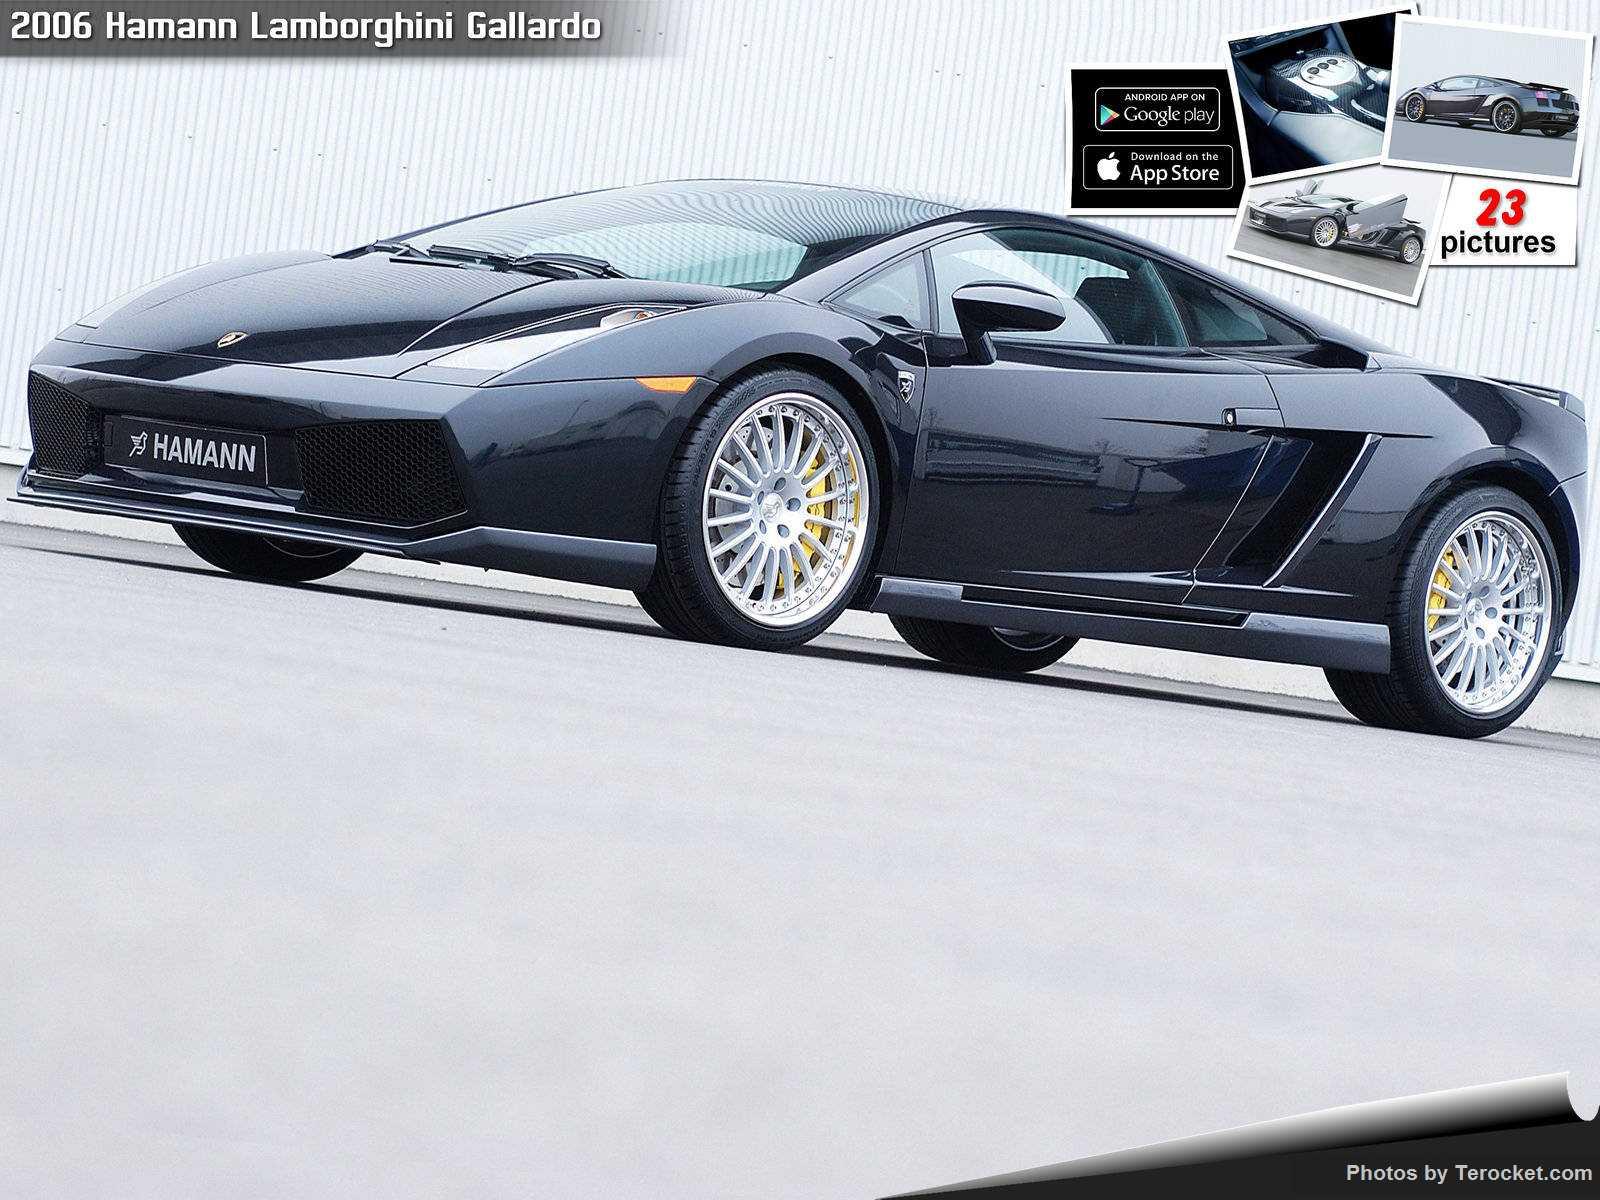 Hình ảnh xe ô tô Hamann Lamborghini Gallardo 2006 & nội ngoại thất